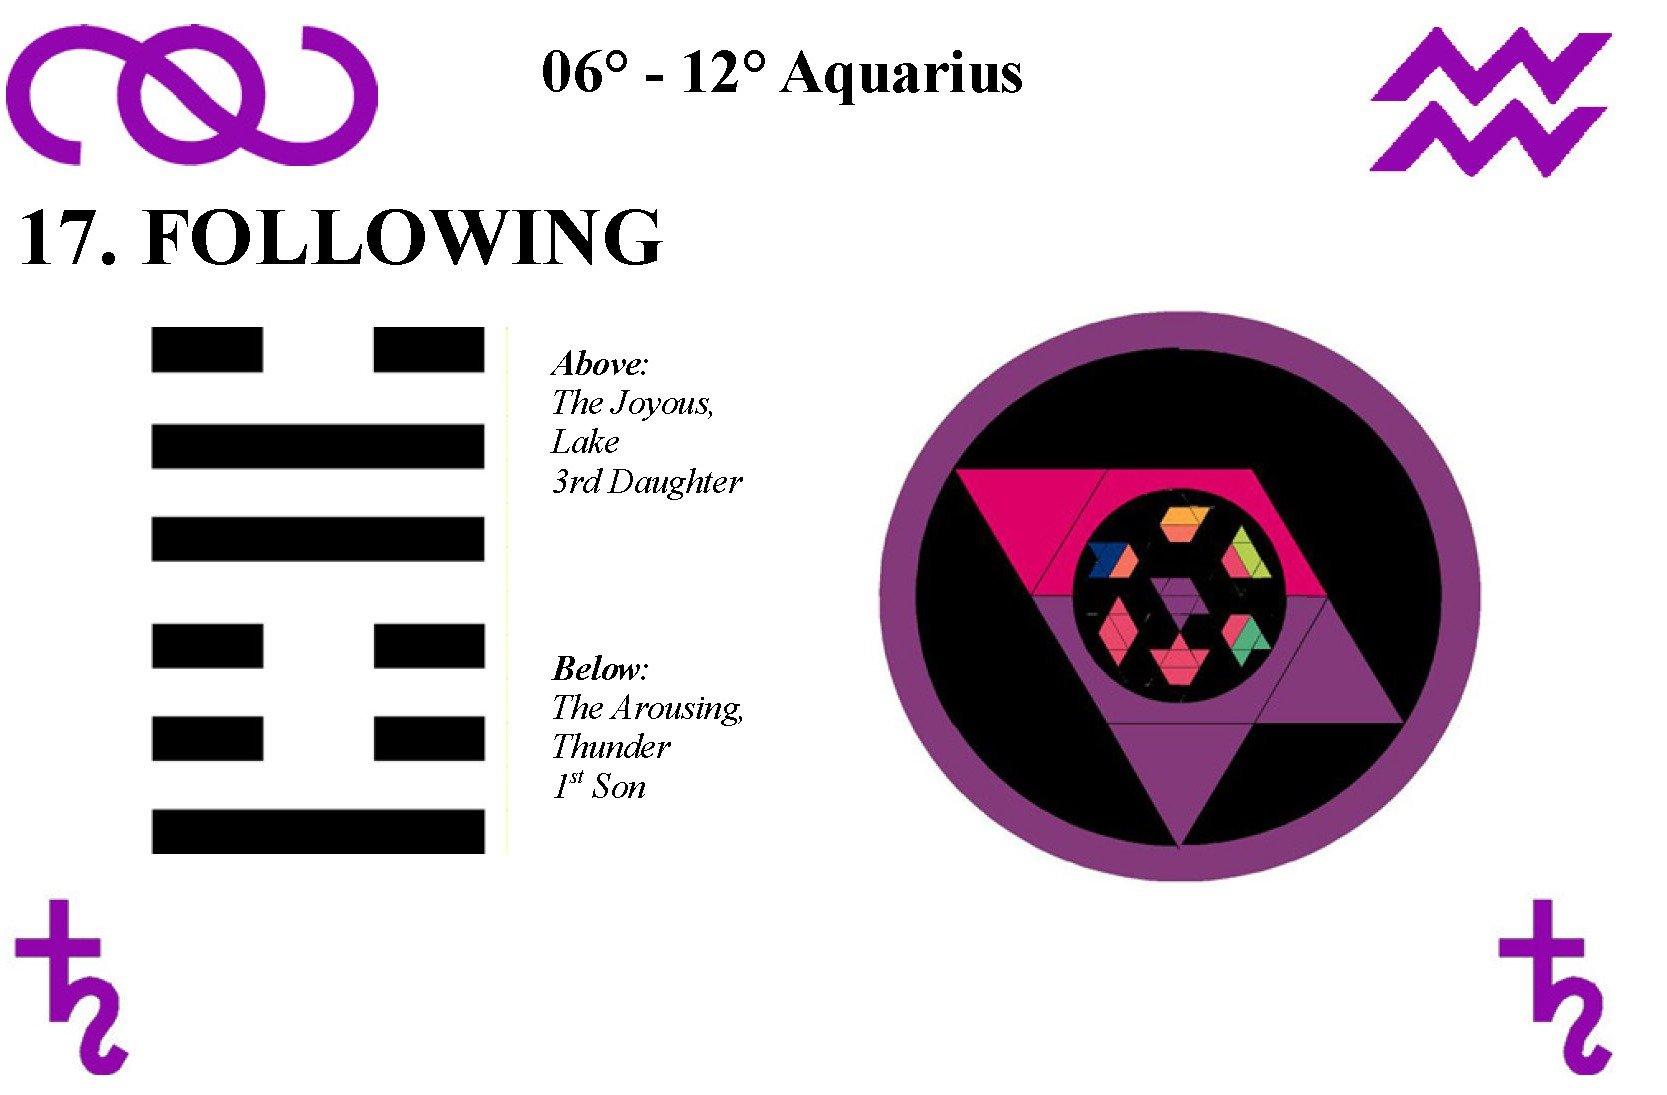 Hx17-Following